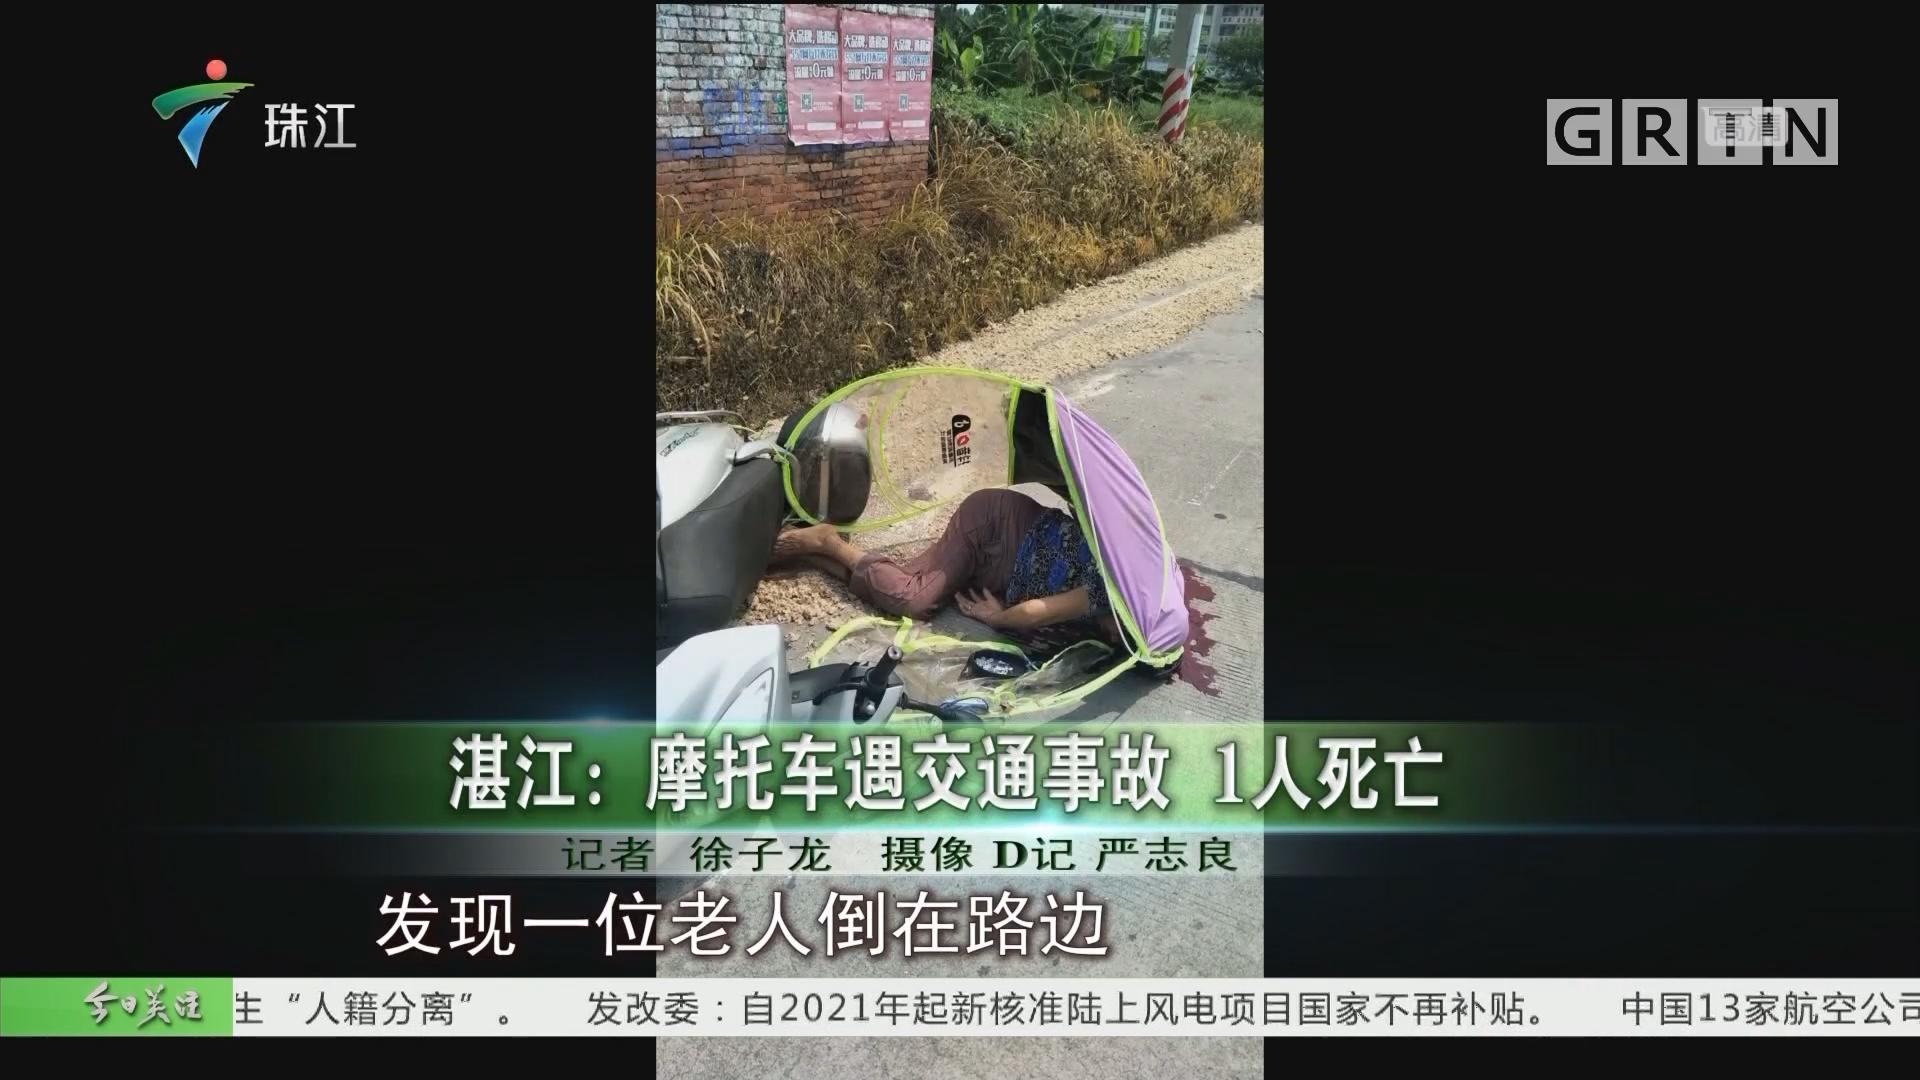 湛江:摩托车遇交通事故 1人死亡